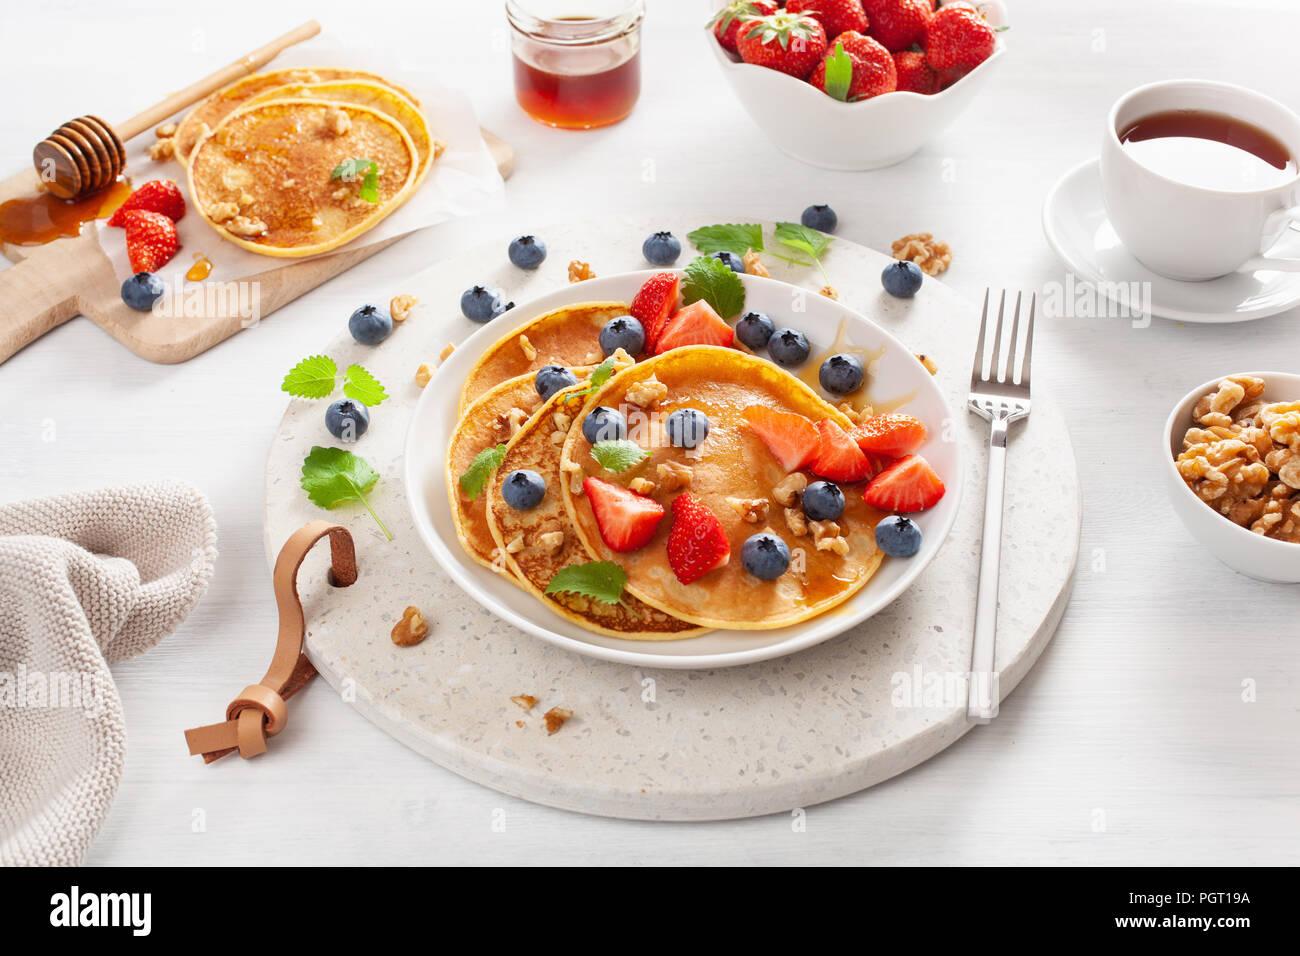 Pfannkuchen mit Heidelbeeren Erdbeere Honig und Nüssen für Frühstück Stockbild